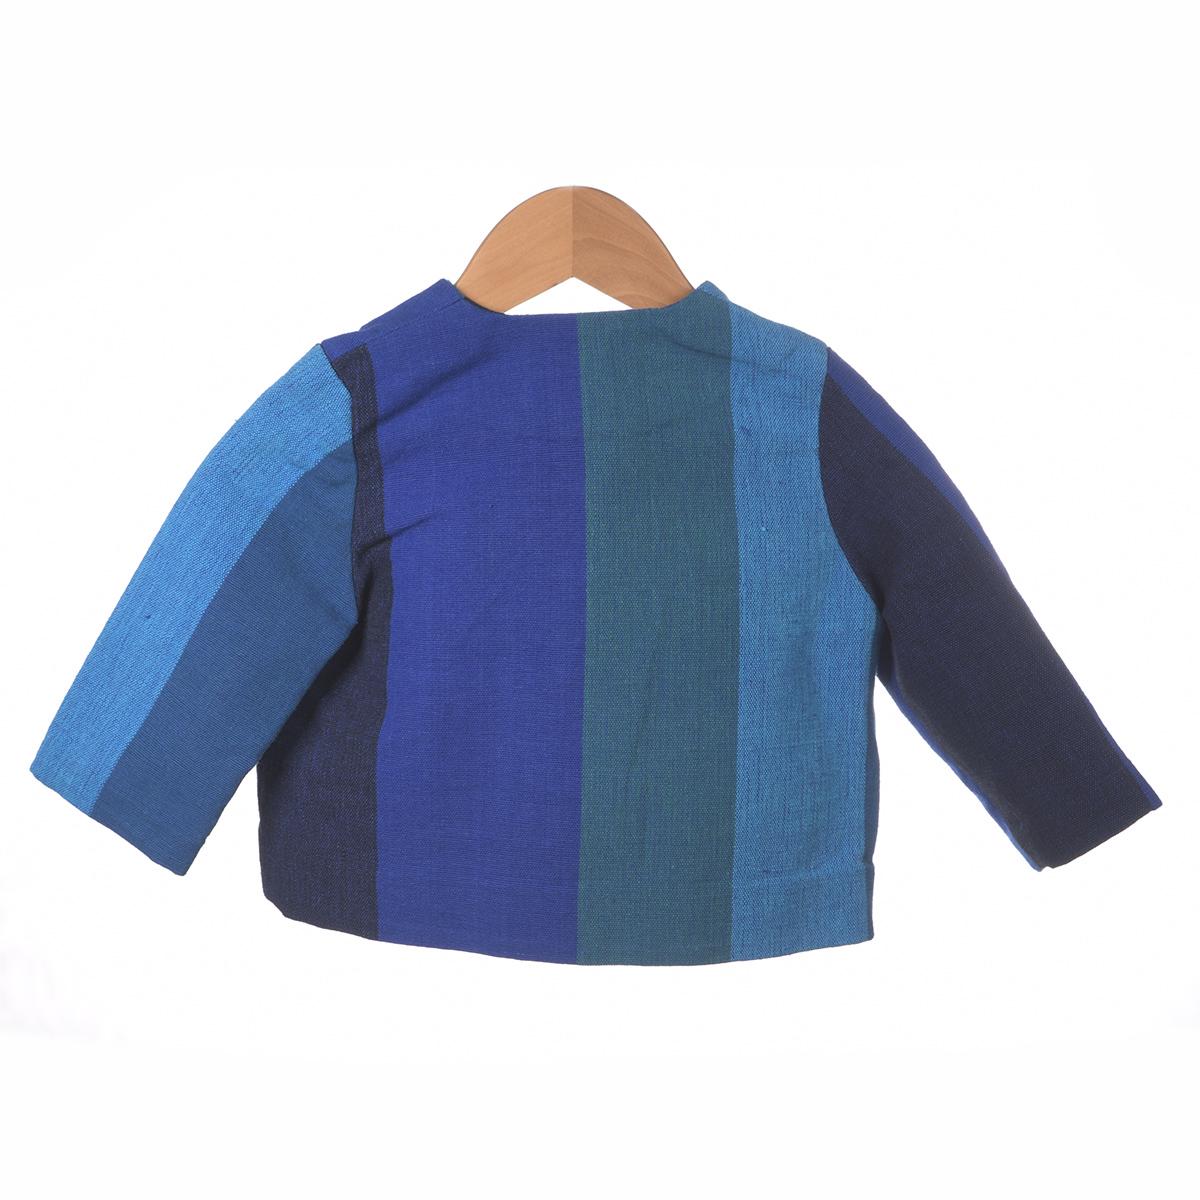 Blauwe vlakken shirt met borduursel visjes achterzijde